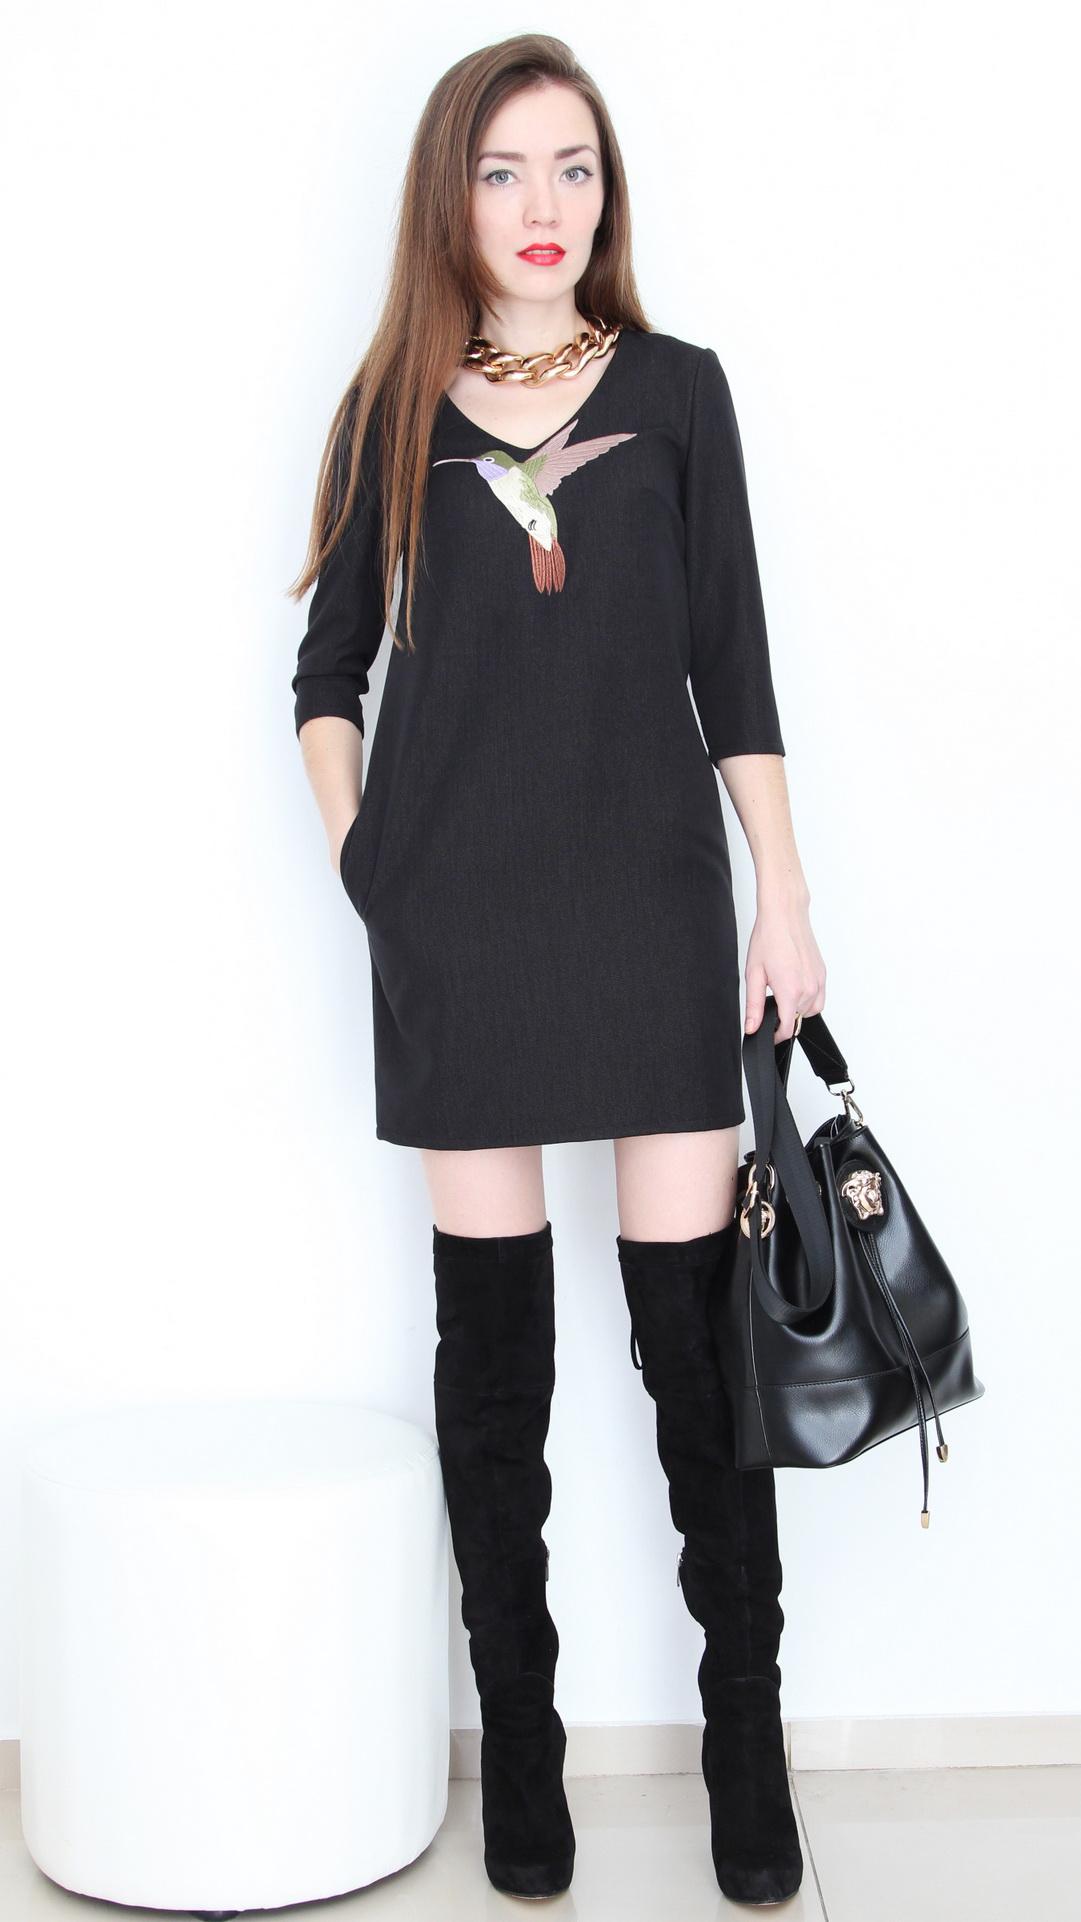 Сбор заказов.Дизайнерская одежда NASTYA SERGEEVA( платья, жакеты, брюки, юбки, блузки, комбинезоны). Акция!!!Цены от